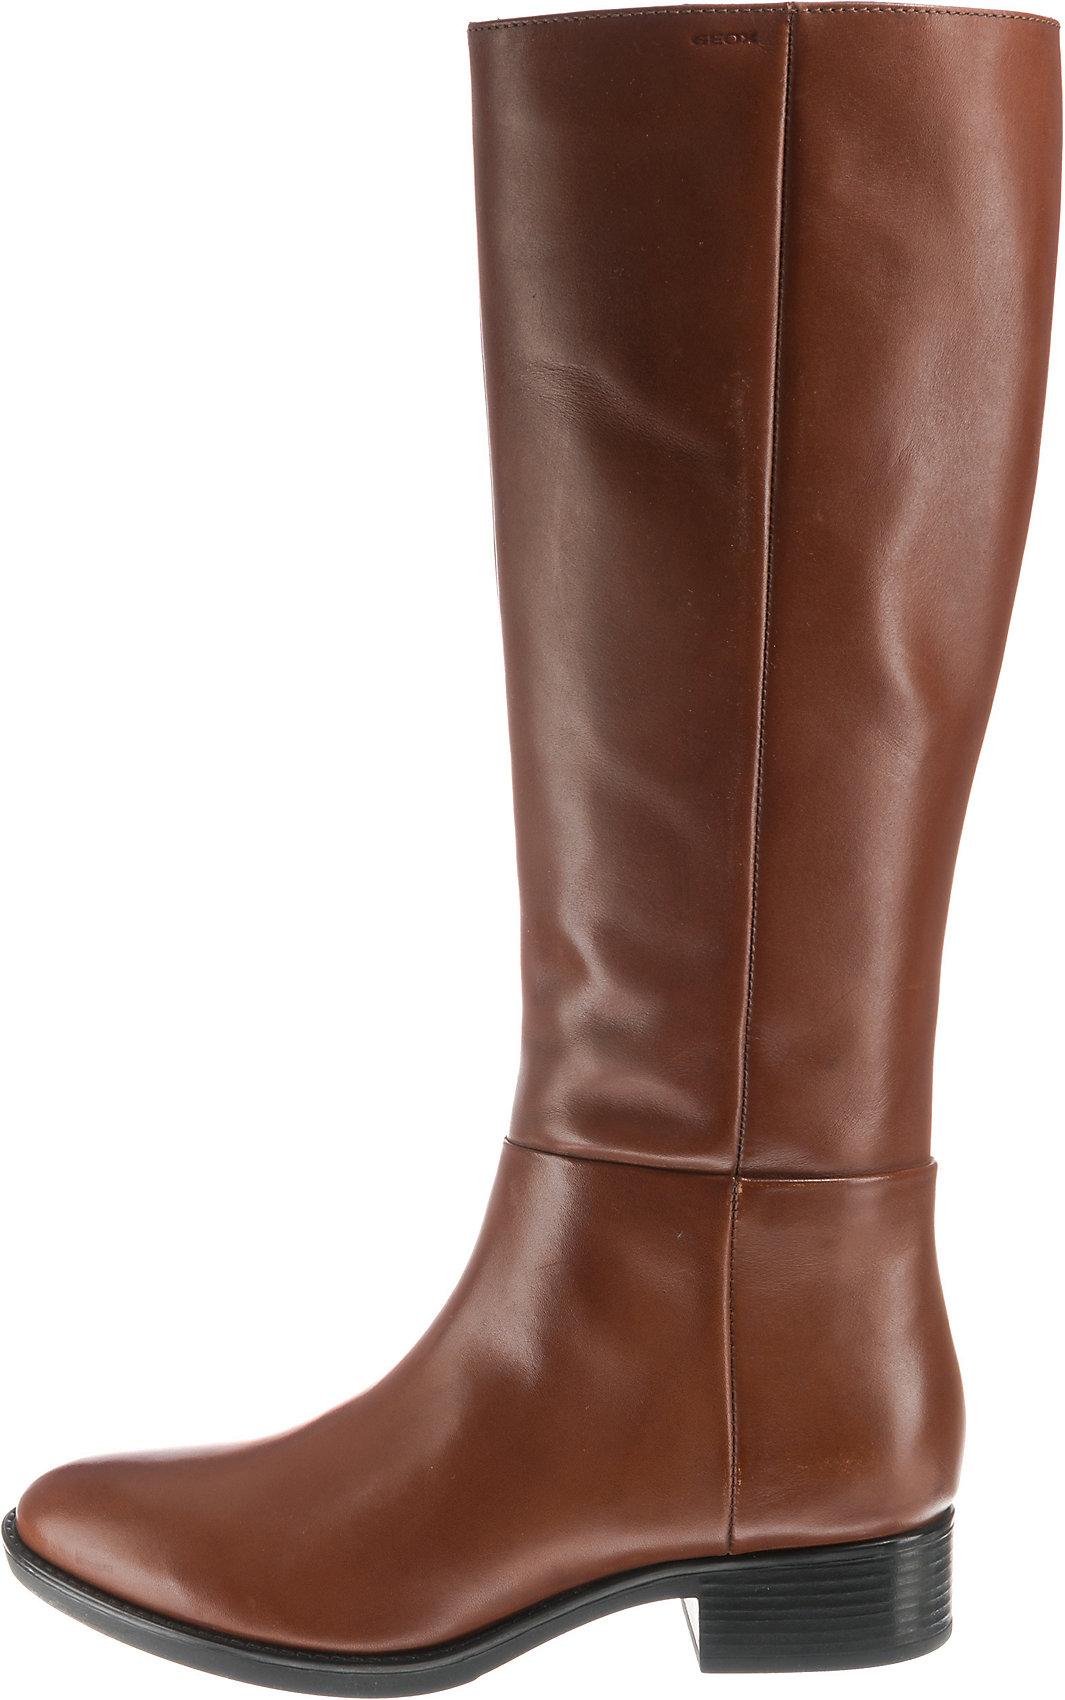 Details zu Neu GEOX D FELICITY Klassische Stiefel 8549866 für Damen cognac schwarz